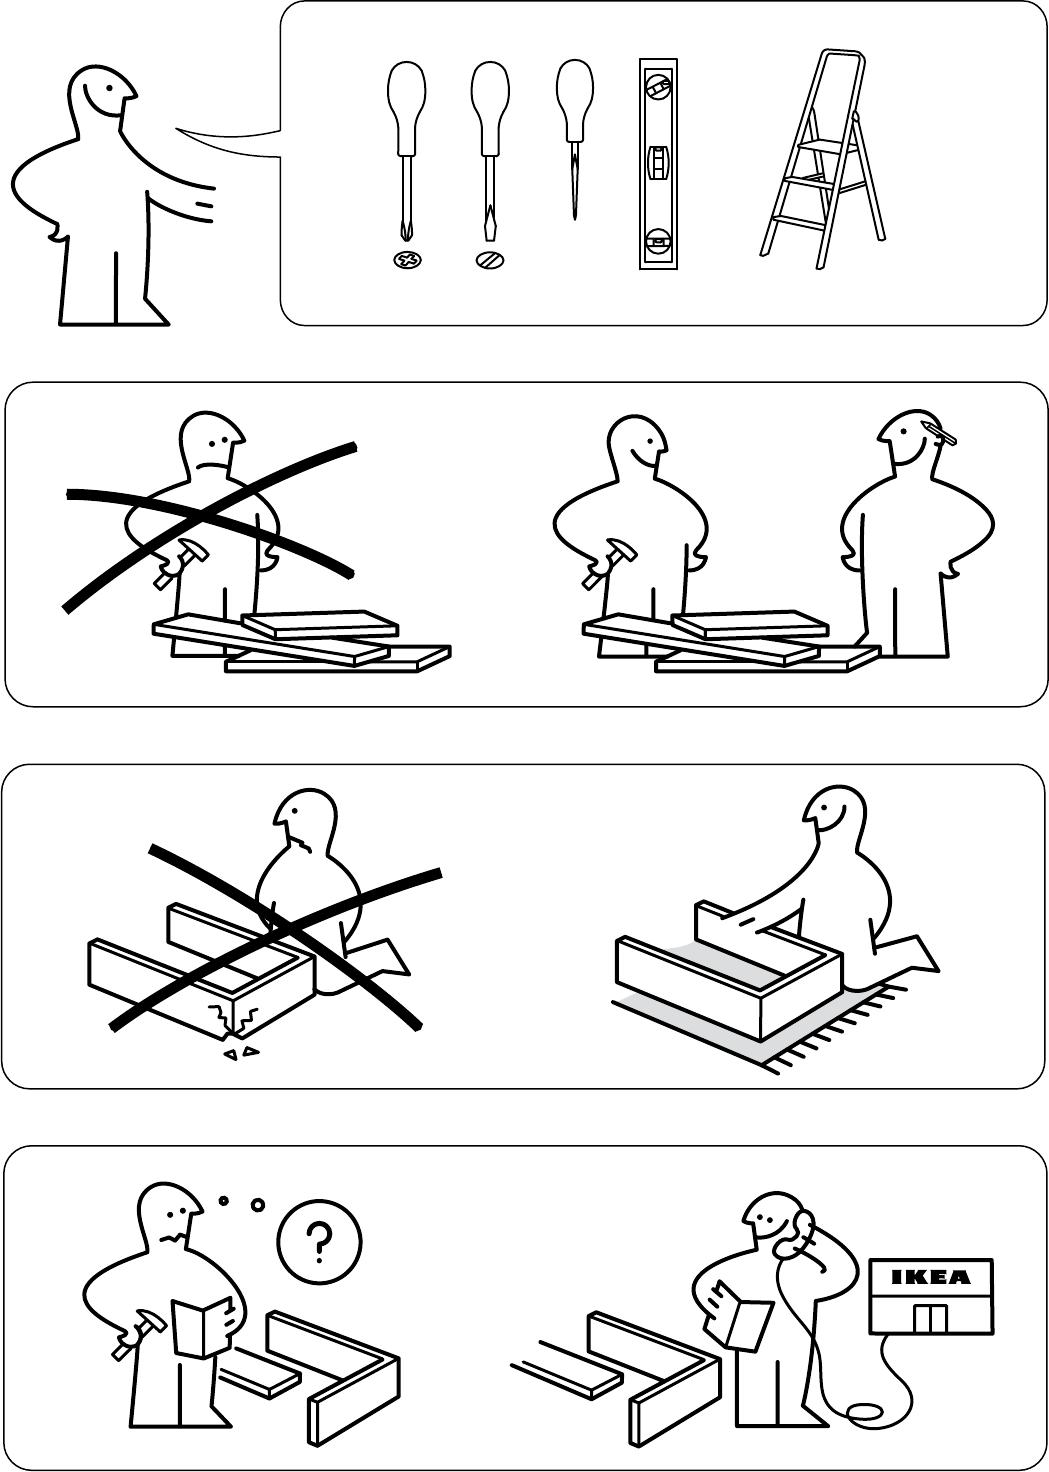 Handleiding Ikea Pax Hasvik 200 236 Pagina 2 Van 32 Dansk